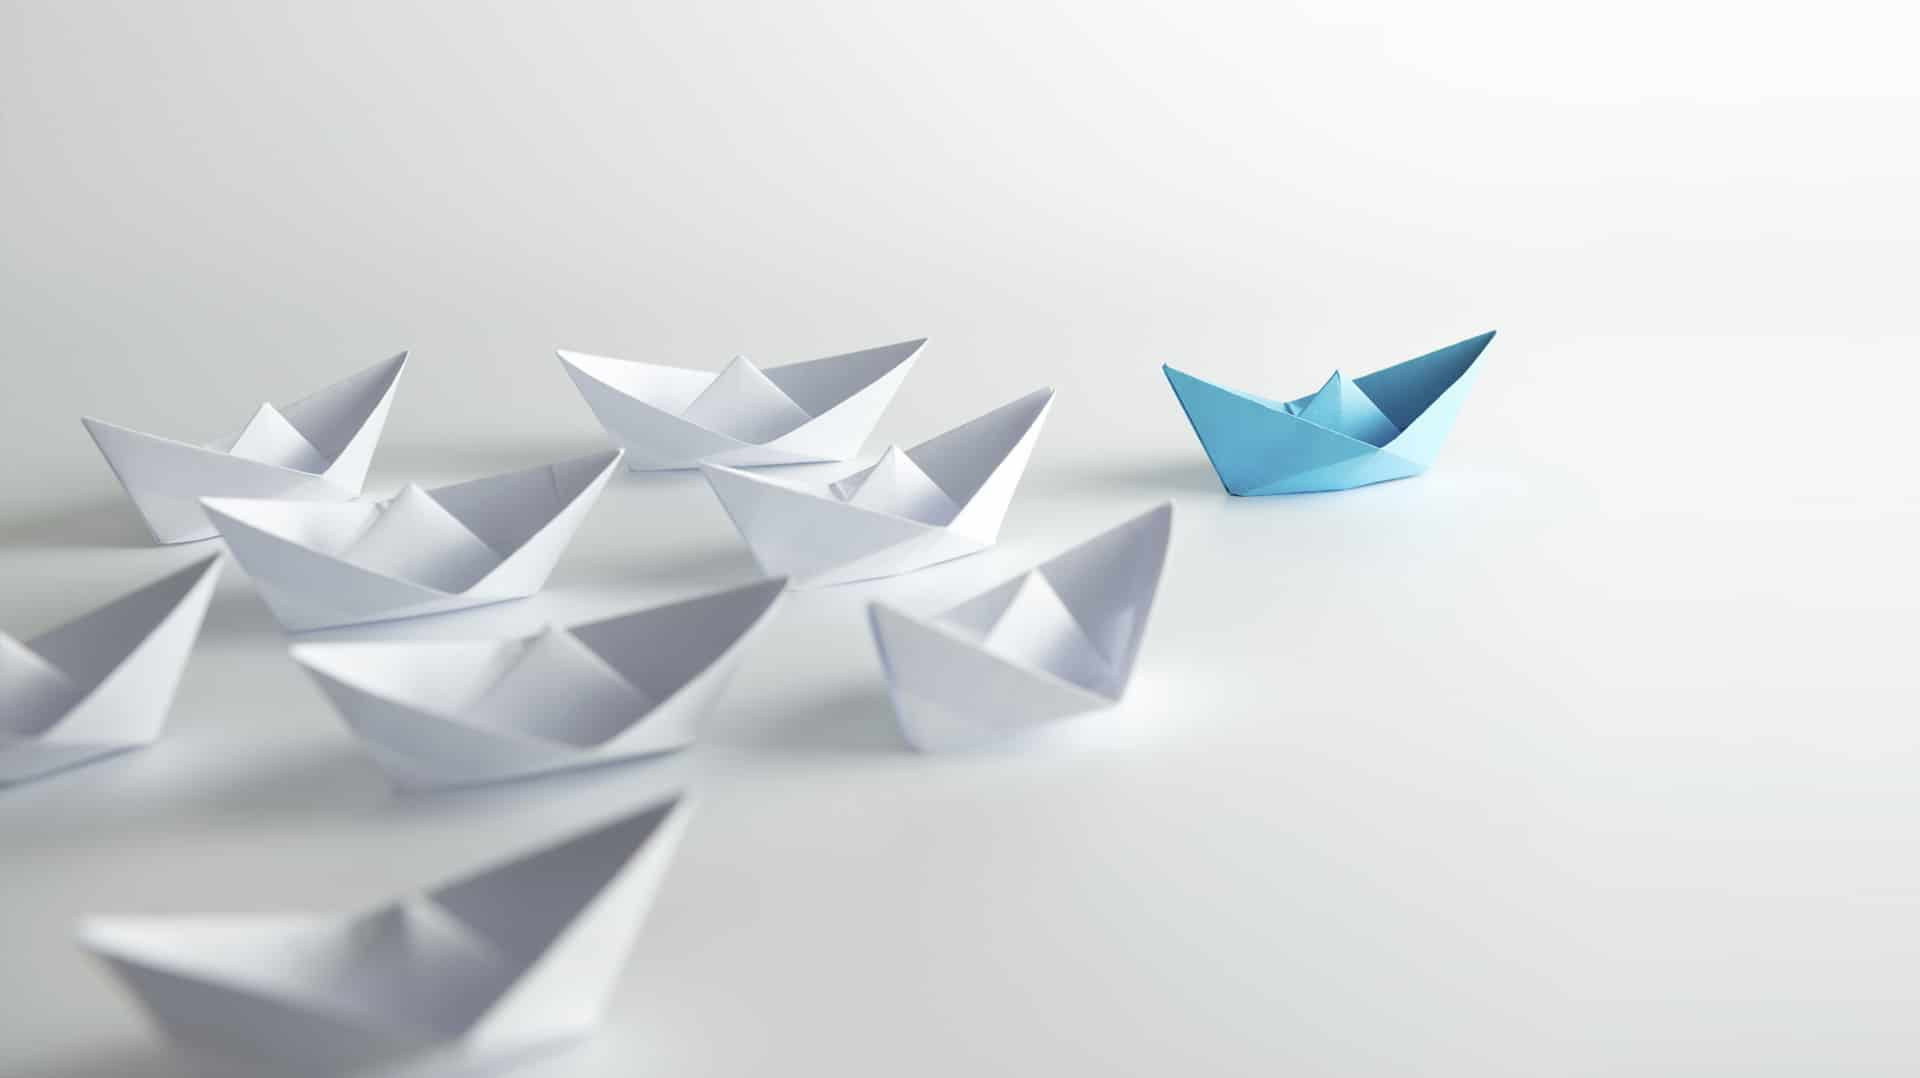 Posizionare il Brand - Posizionamento Brand - Esempi e Strategia - Web Agency Ragusa & SEO Ragusa